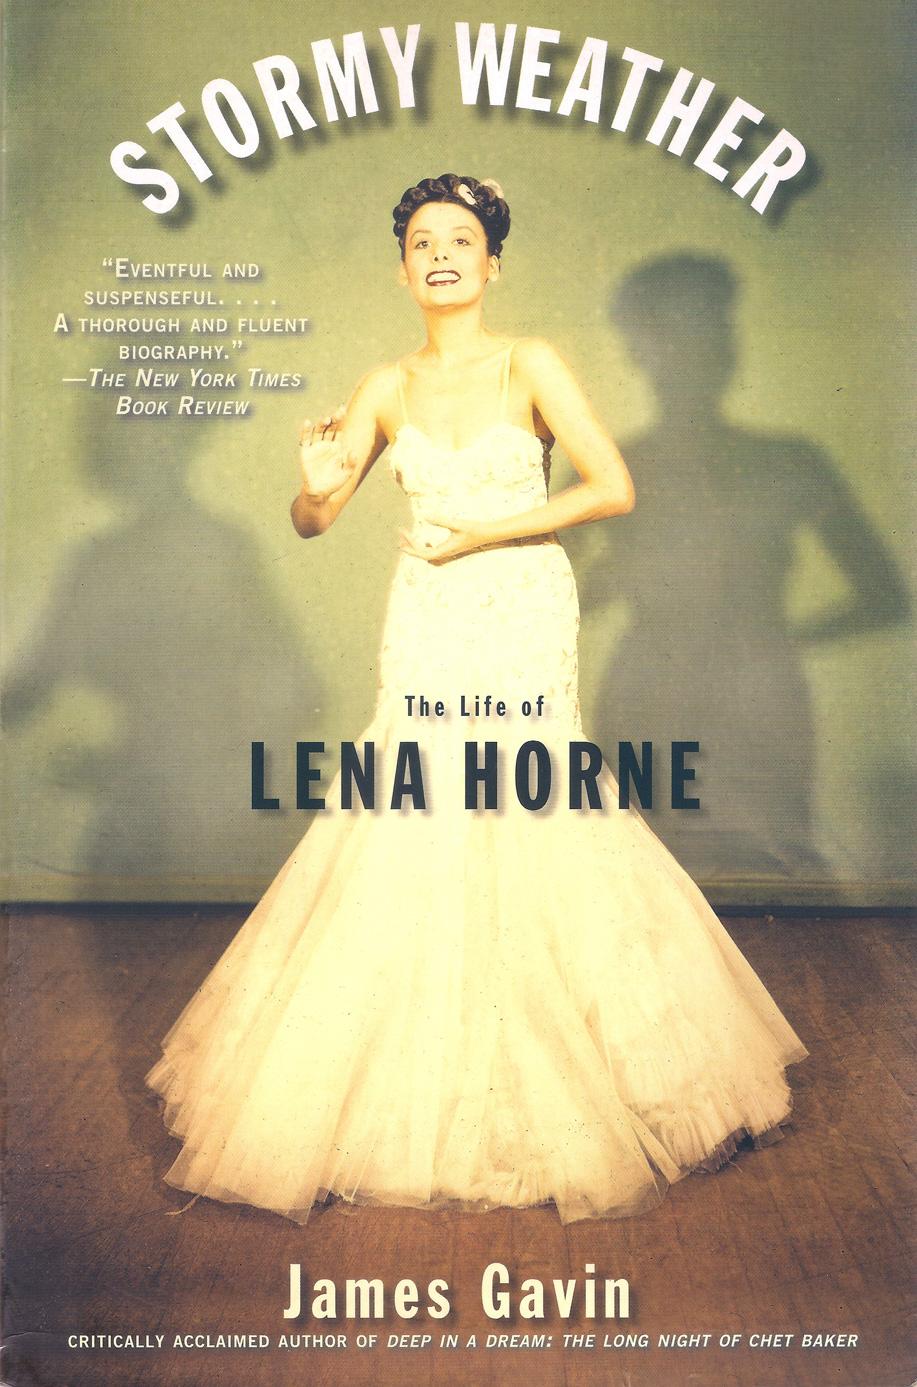 Lena Horne by James Gavin